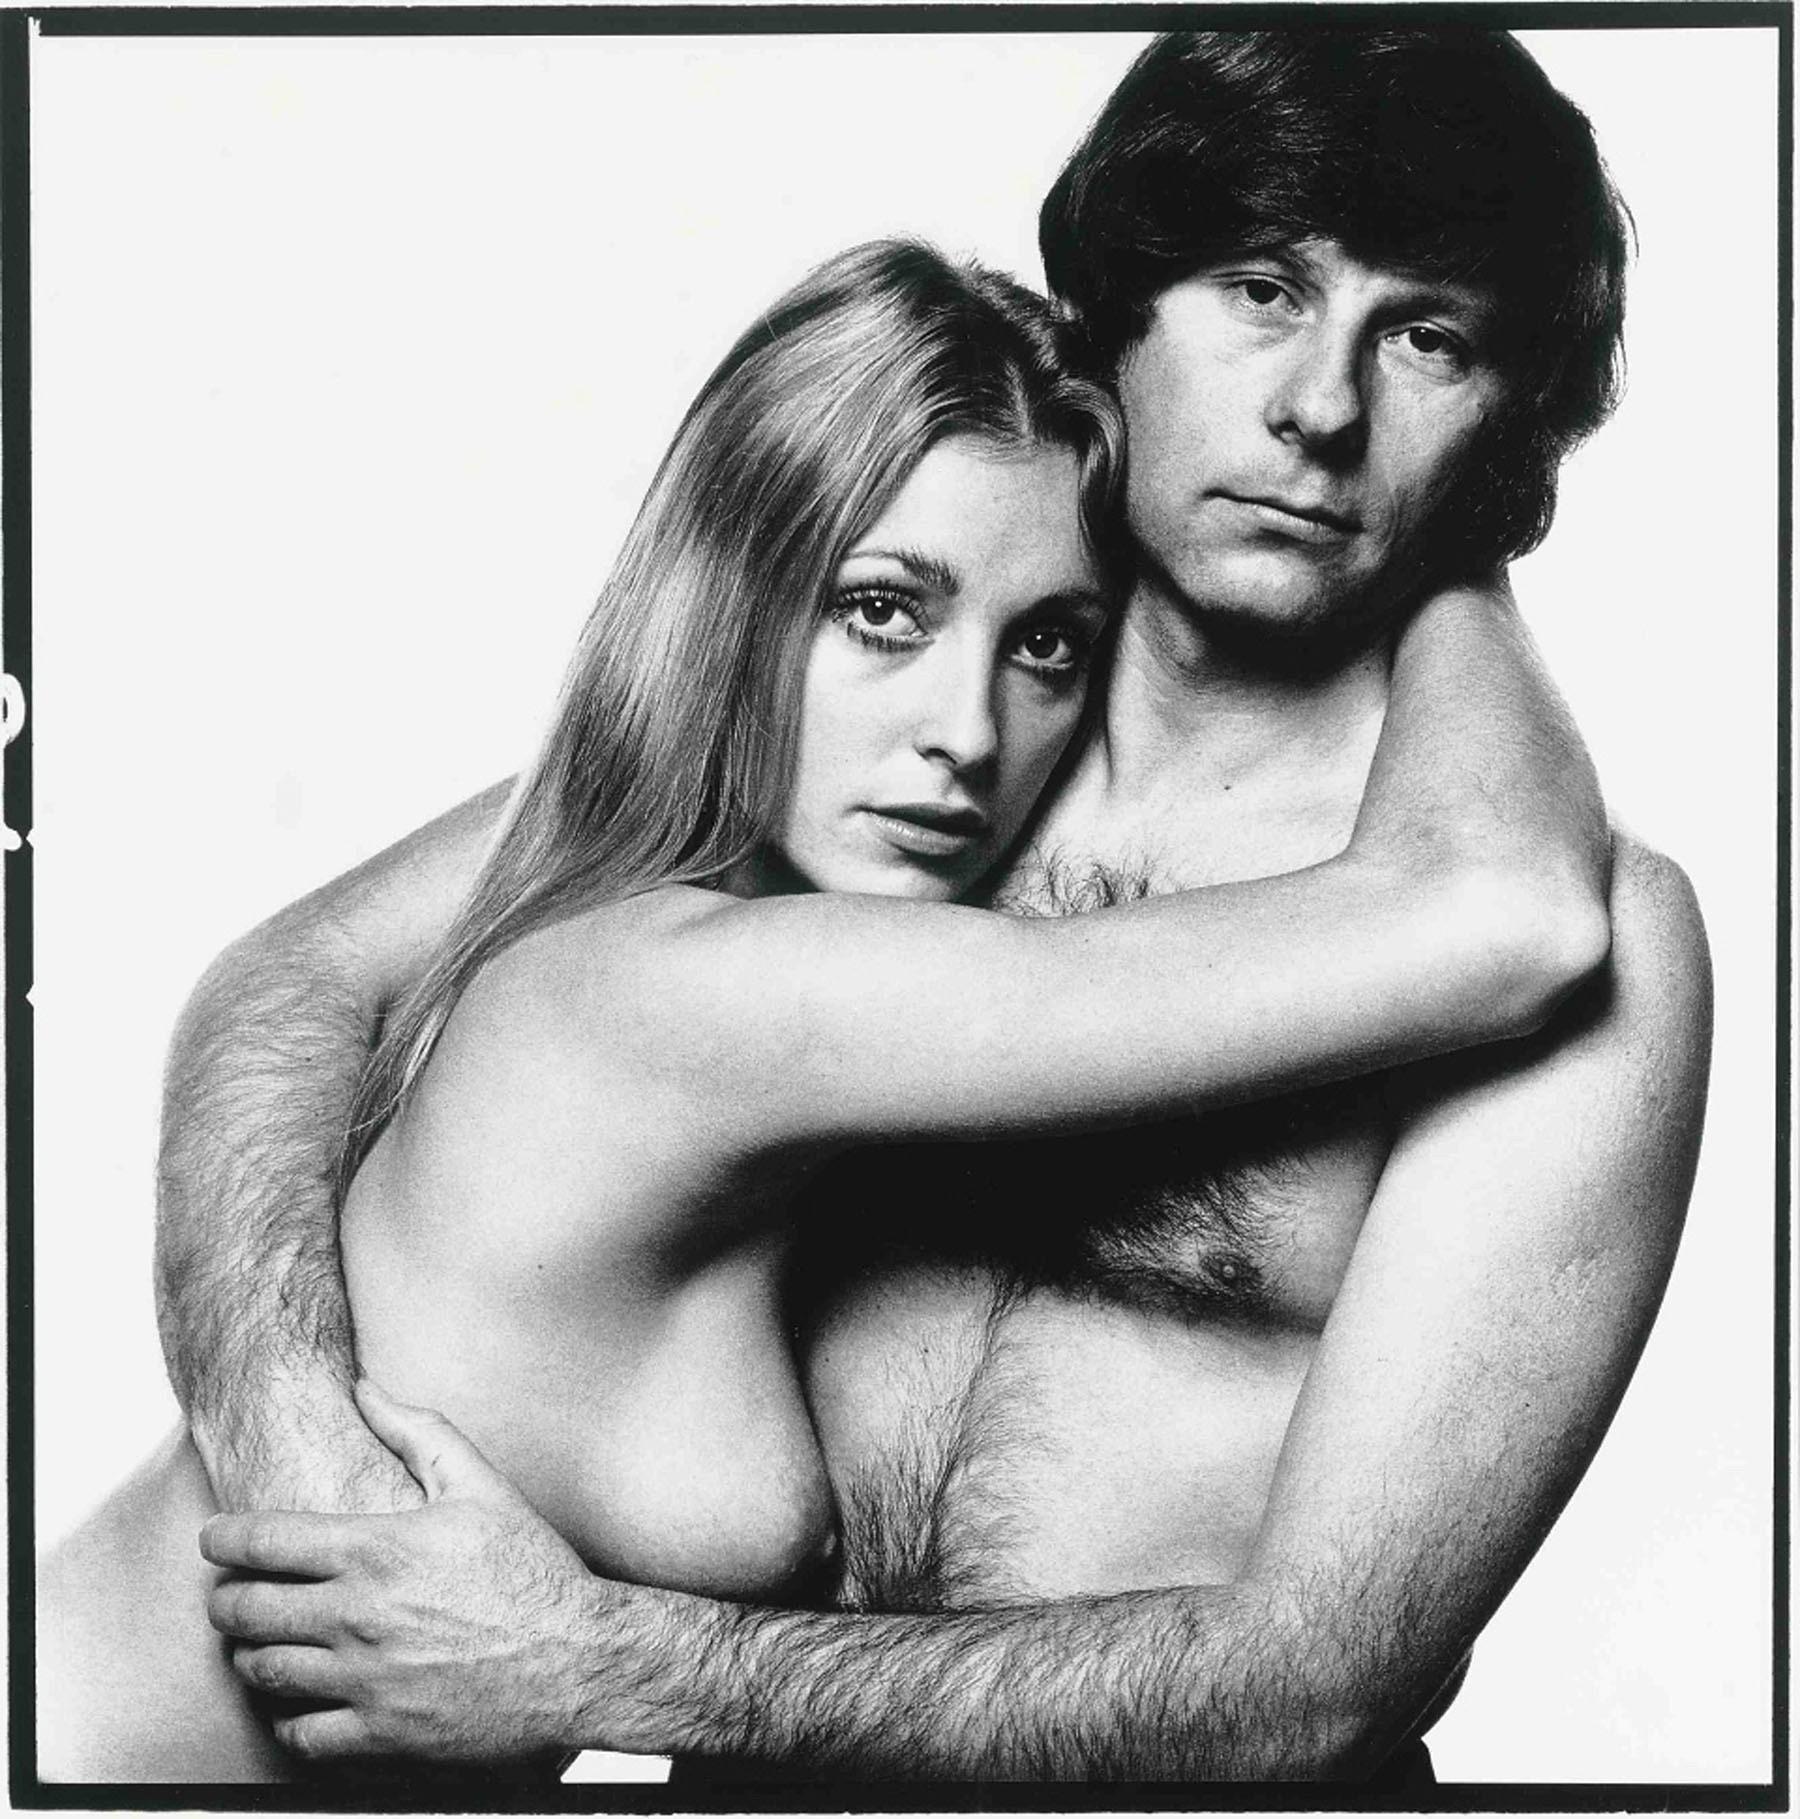 Zdjęcie nagich Romana Polańskiego i Sharon Tate zrobione przez Davida Baileya na krótko przed tragiczną śmiercią Tate (fot. Eeastnews)